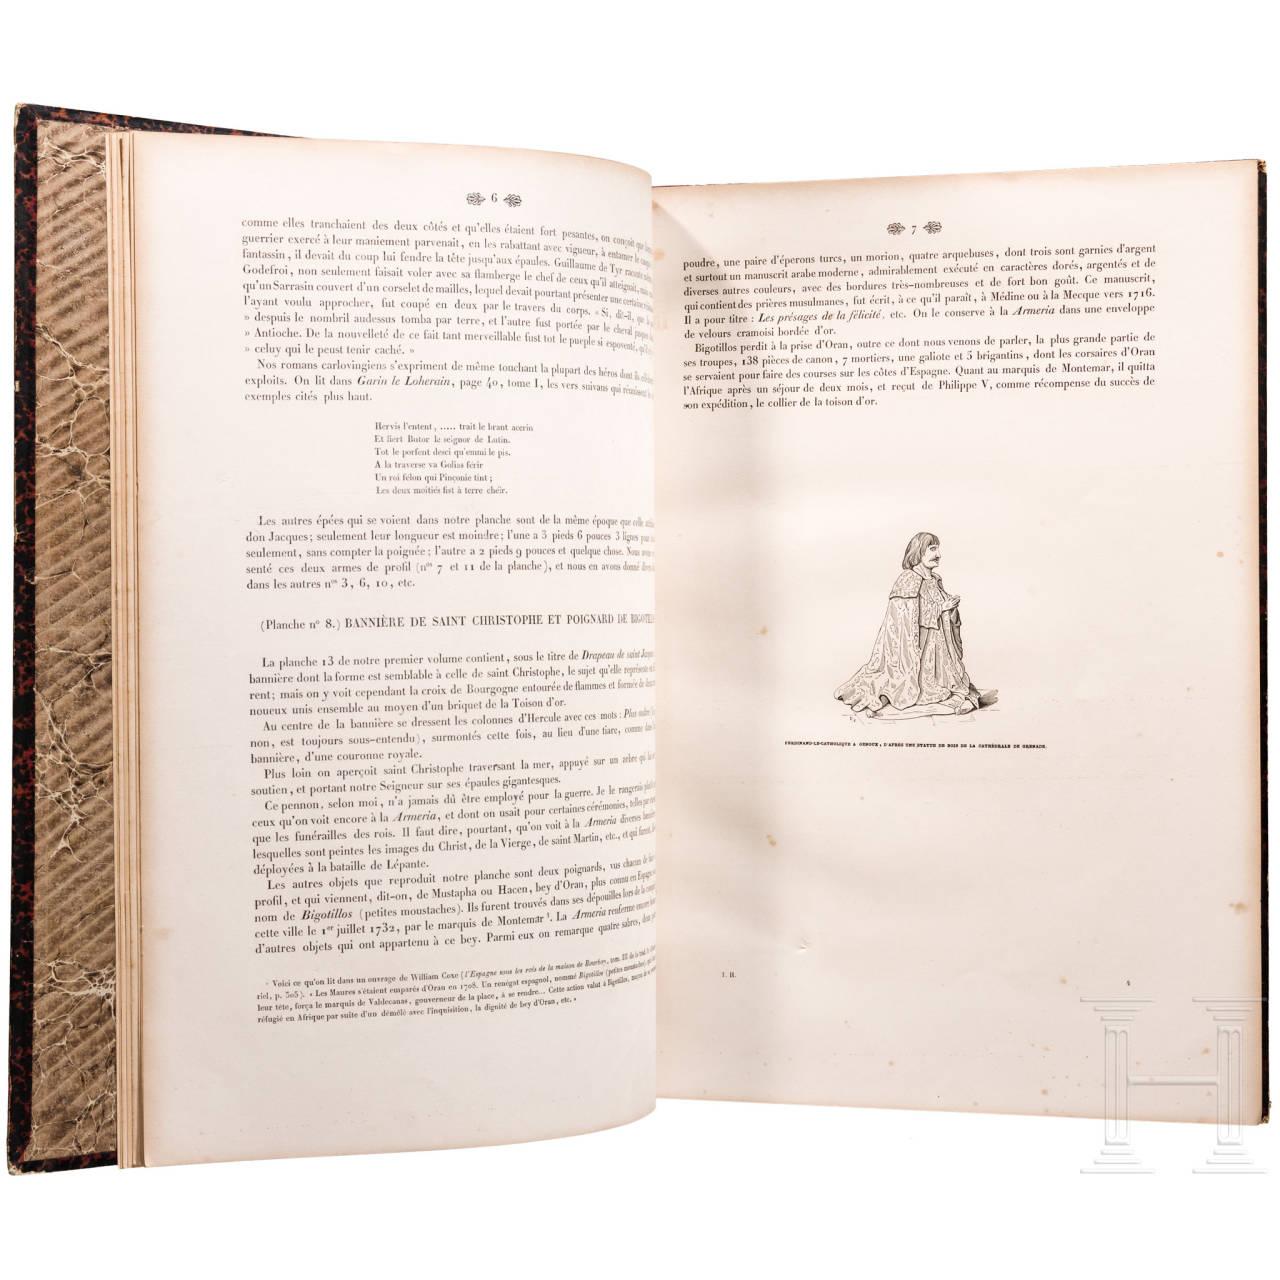 Tele Au Pied Du Lit lot 3253 | literature and graphic | online catalogue | a80aw